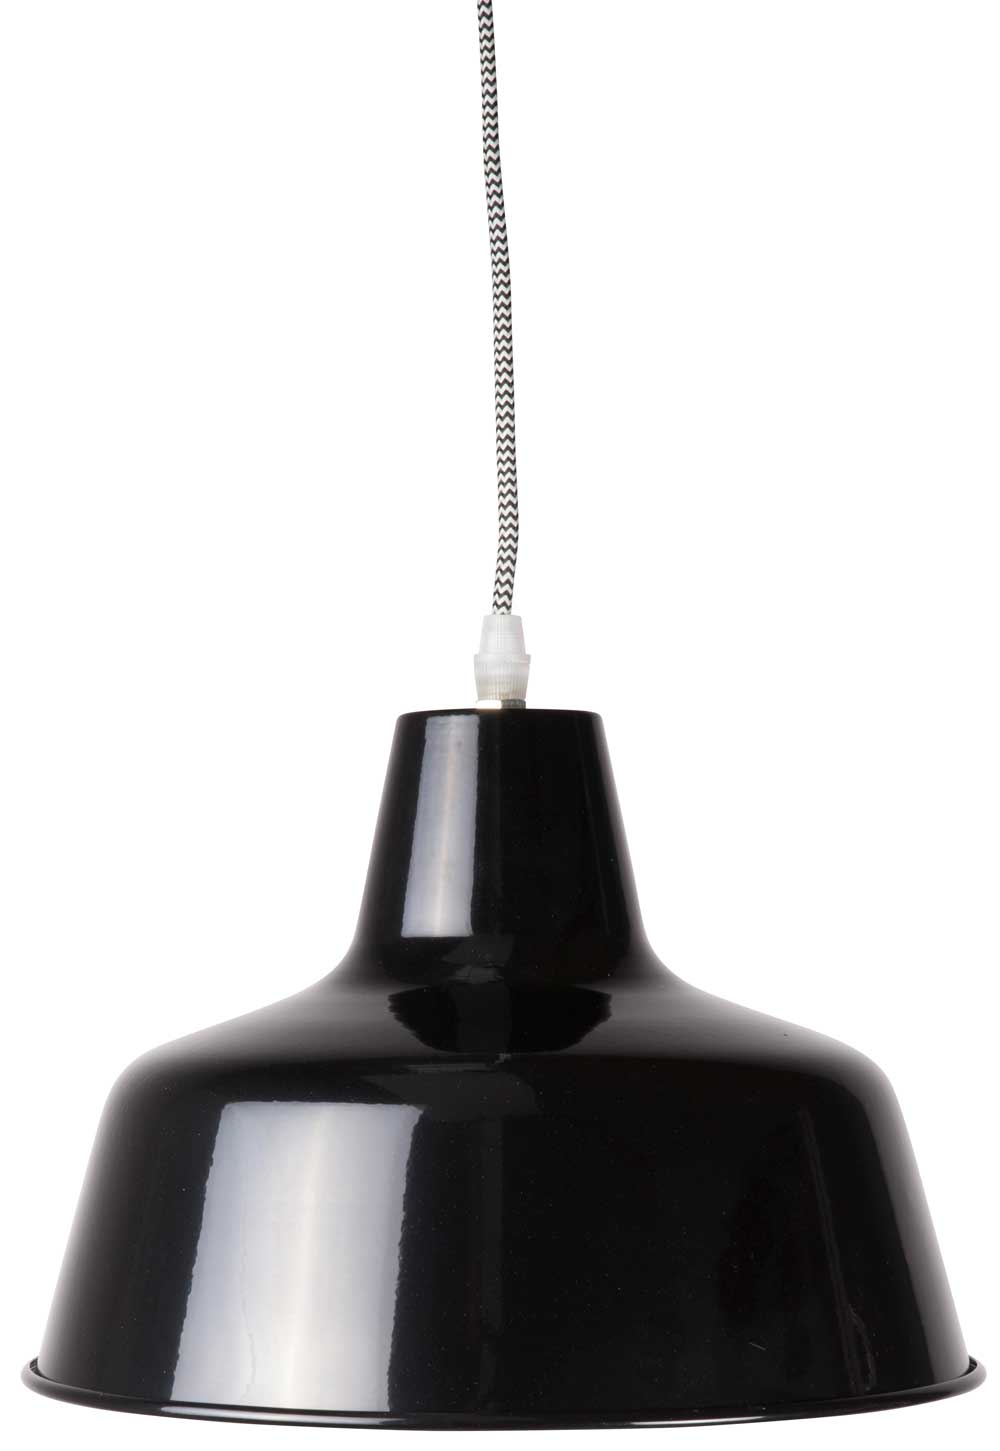 Billede af Ib Laursen Hængelampe metal Mynte sort/hvid tekstil ledning